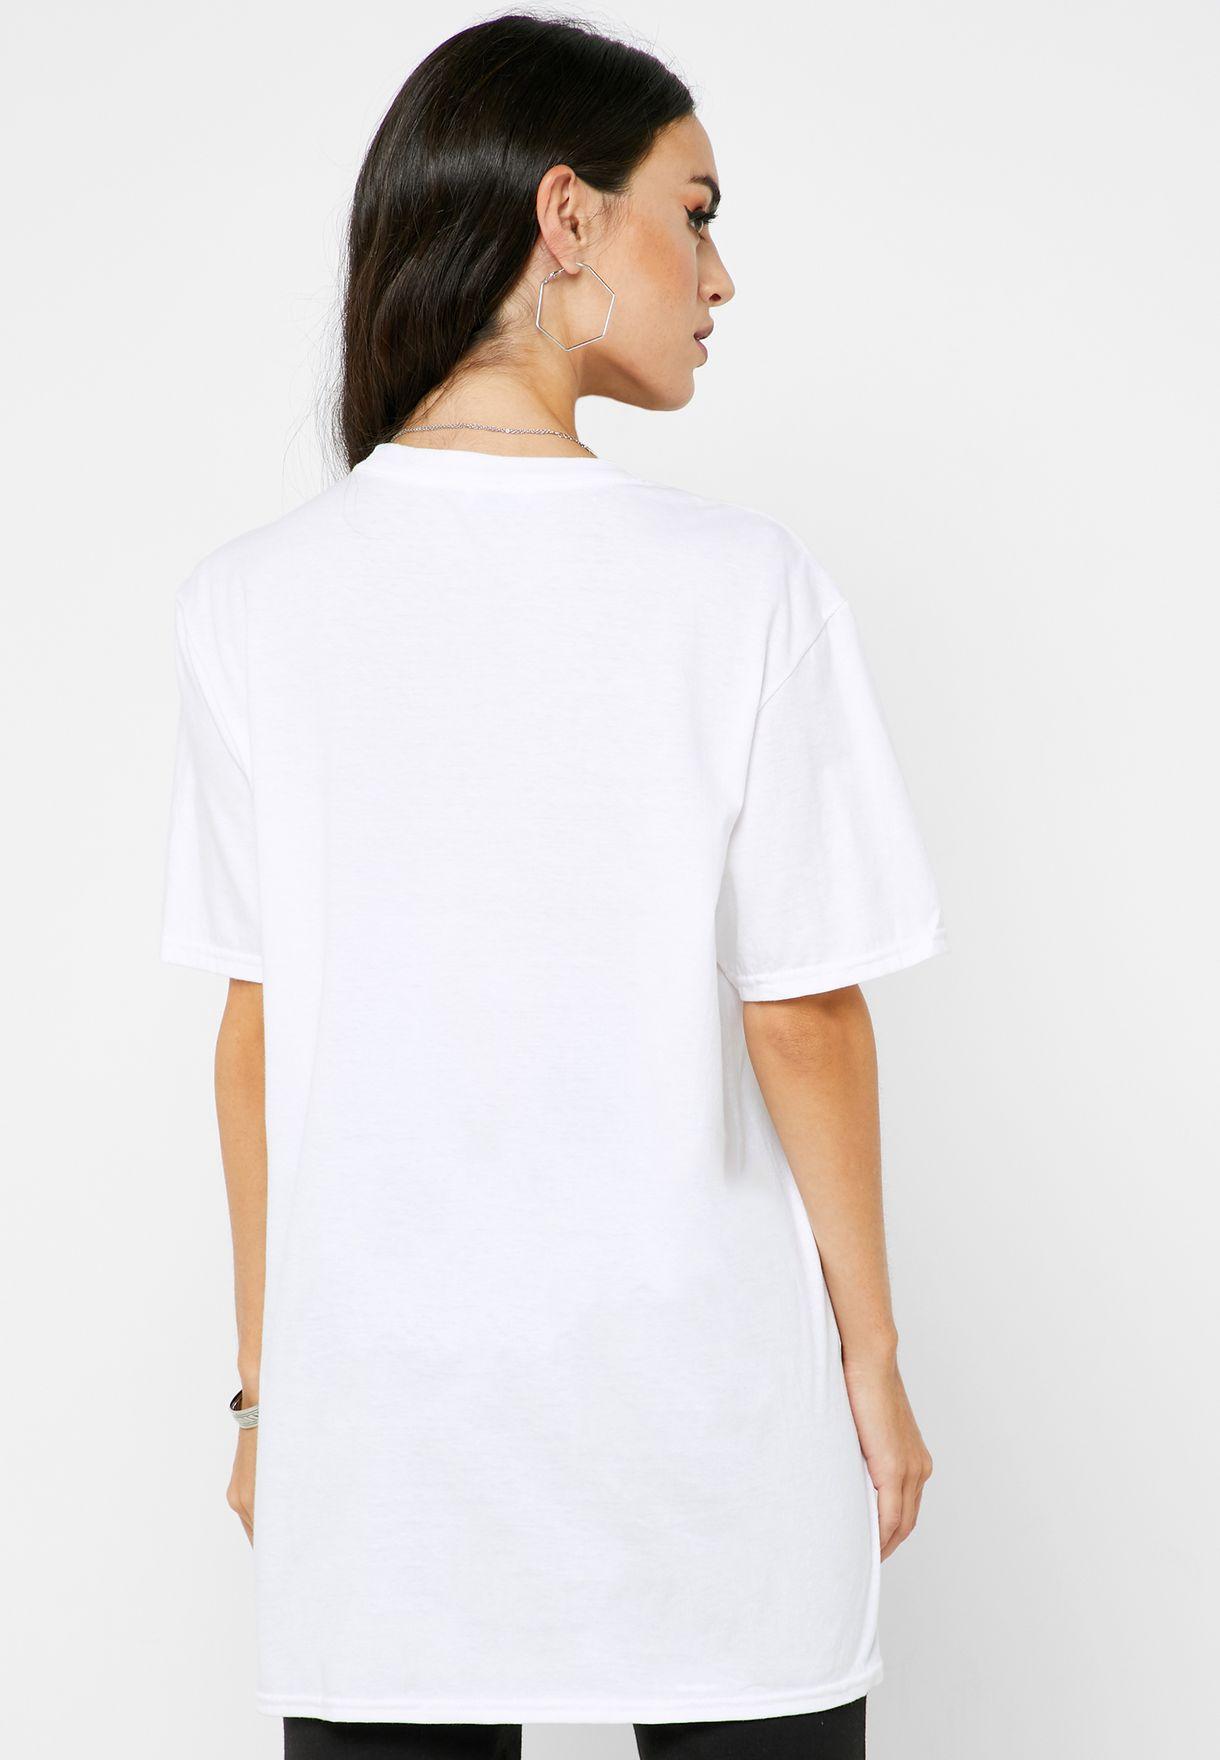 Printed Slogan T-Shirt